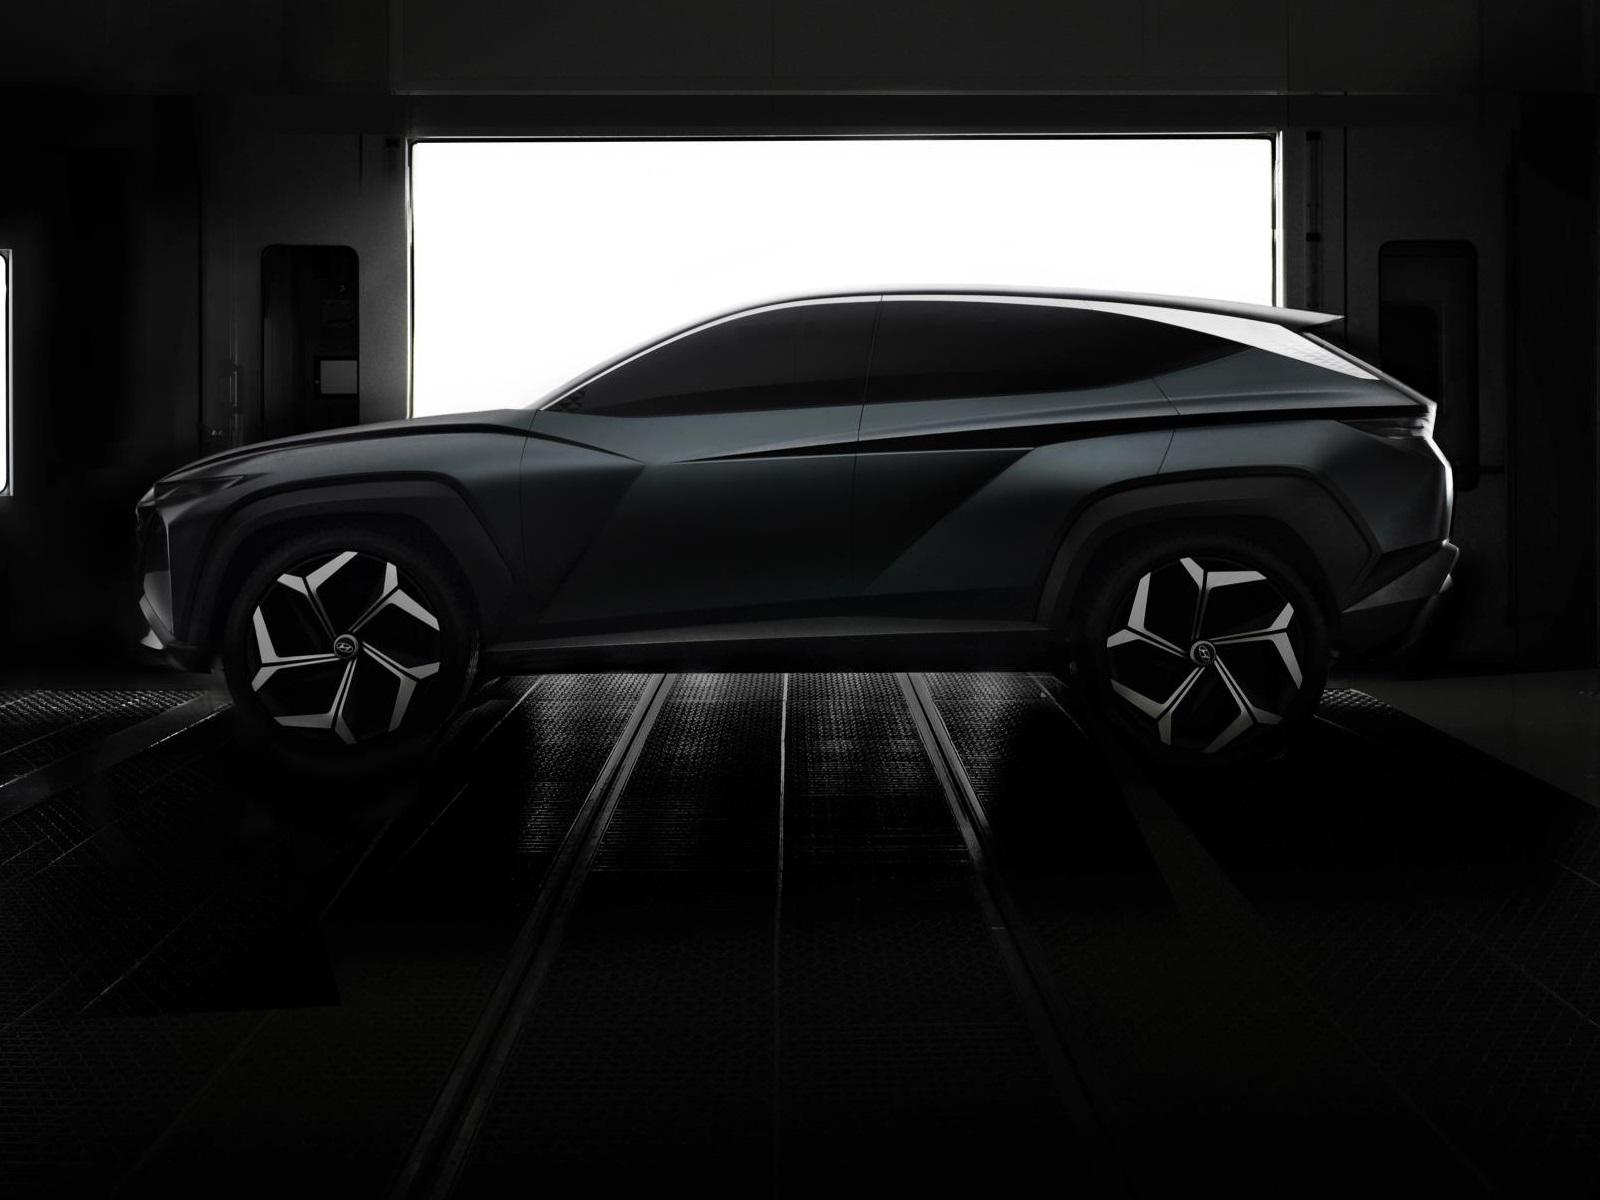 Hyundai Vision T Concept Car (3)